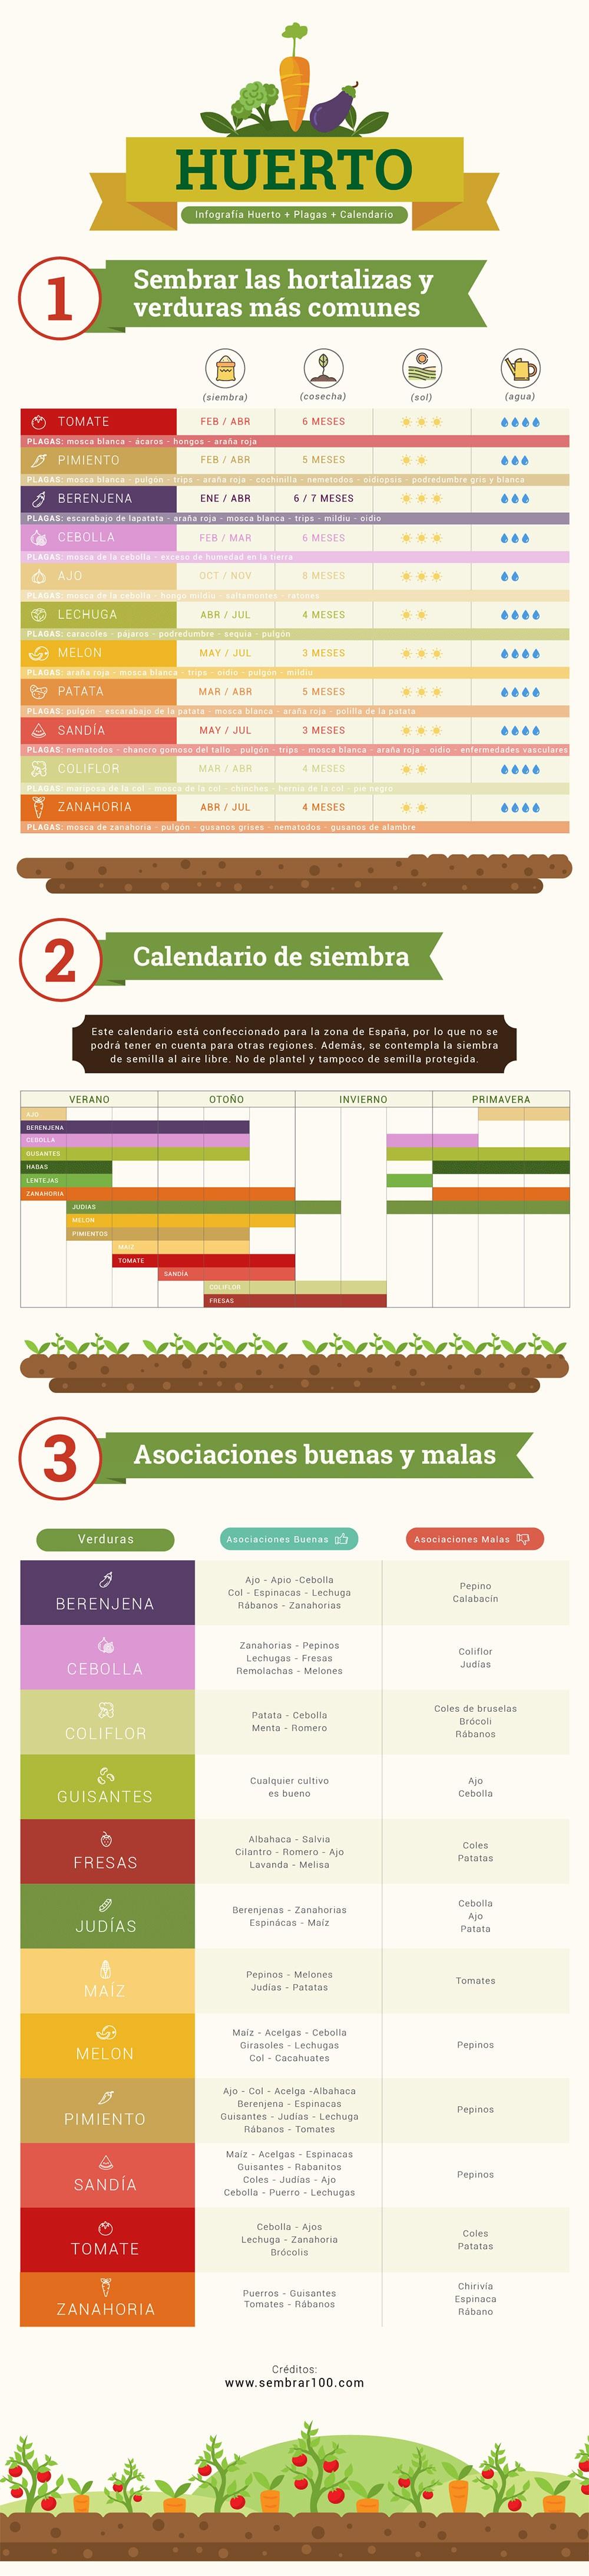 Infografía para empezar un huerto urbano